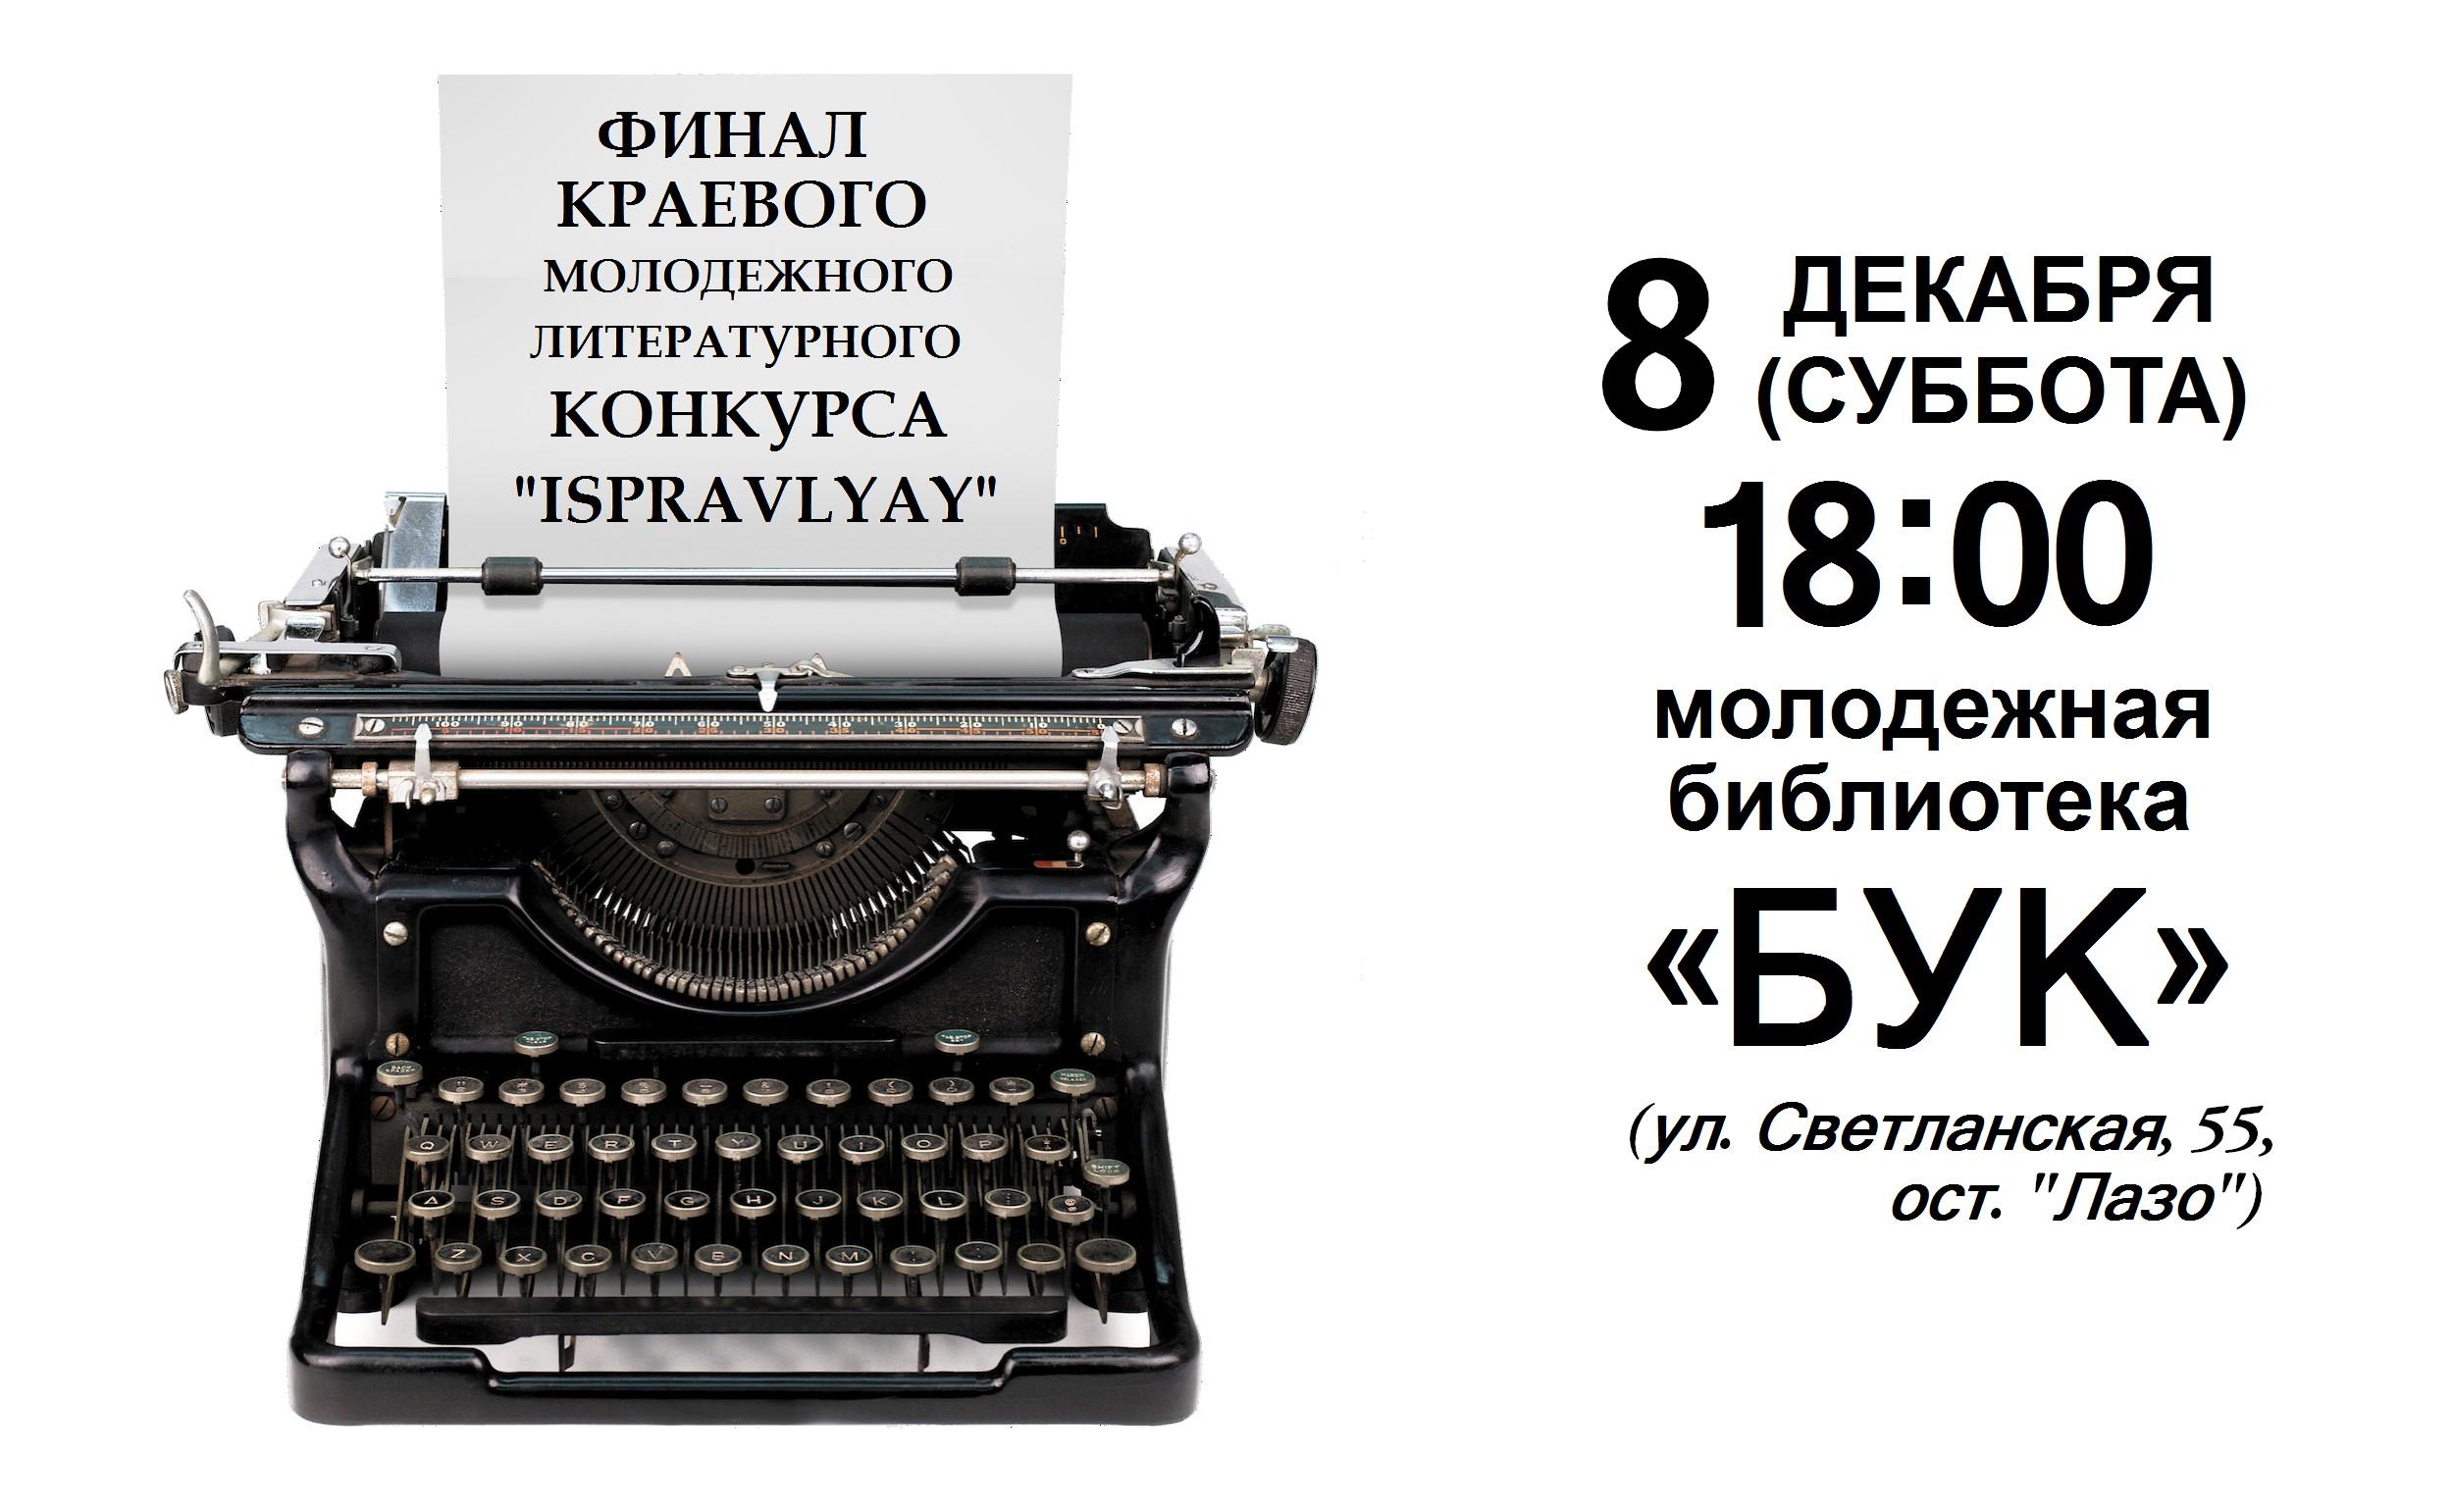 https://pp.userapi.com/c845124/v845124800/13d0c9/dAssXFotR2k.jpg